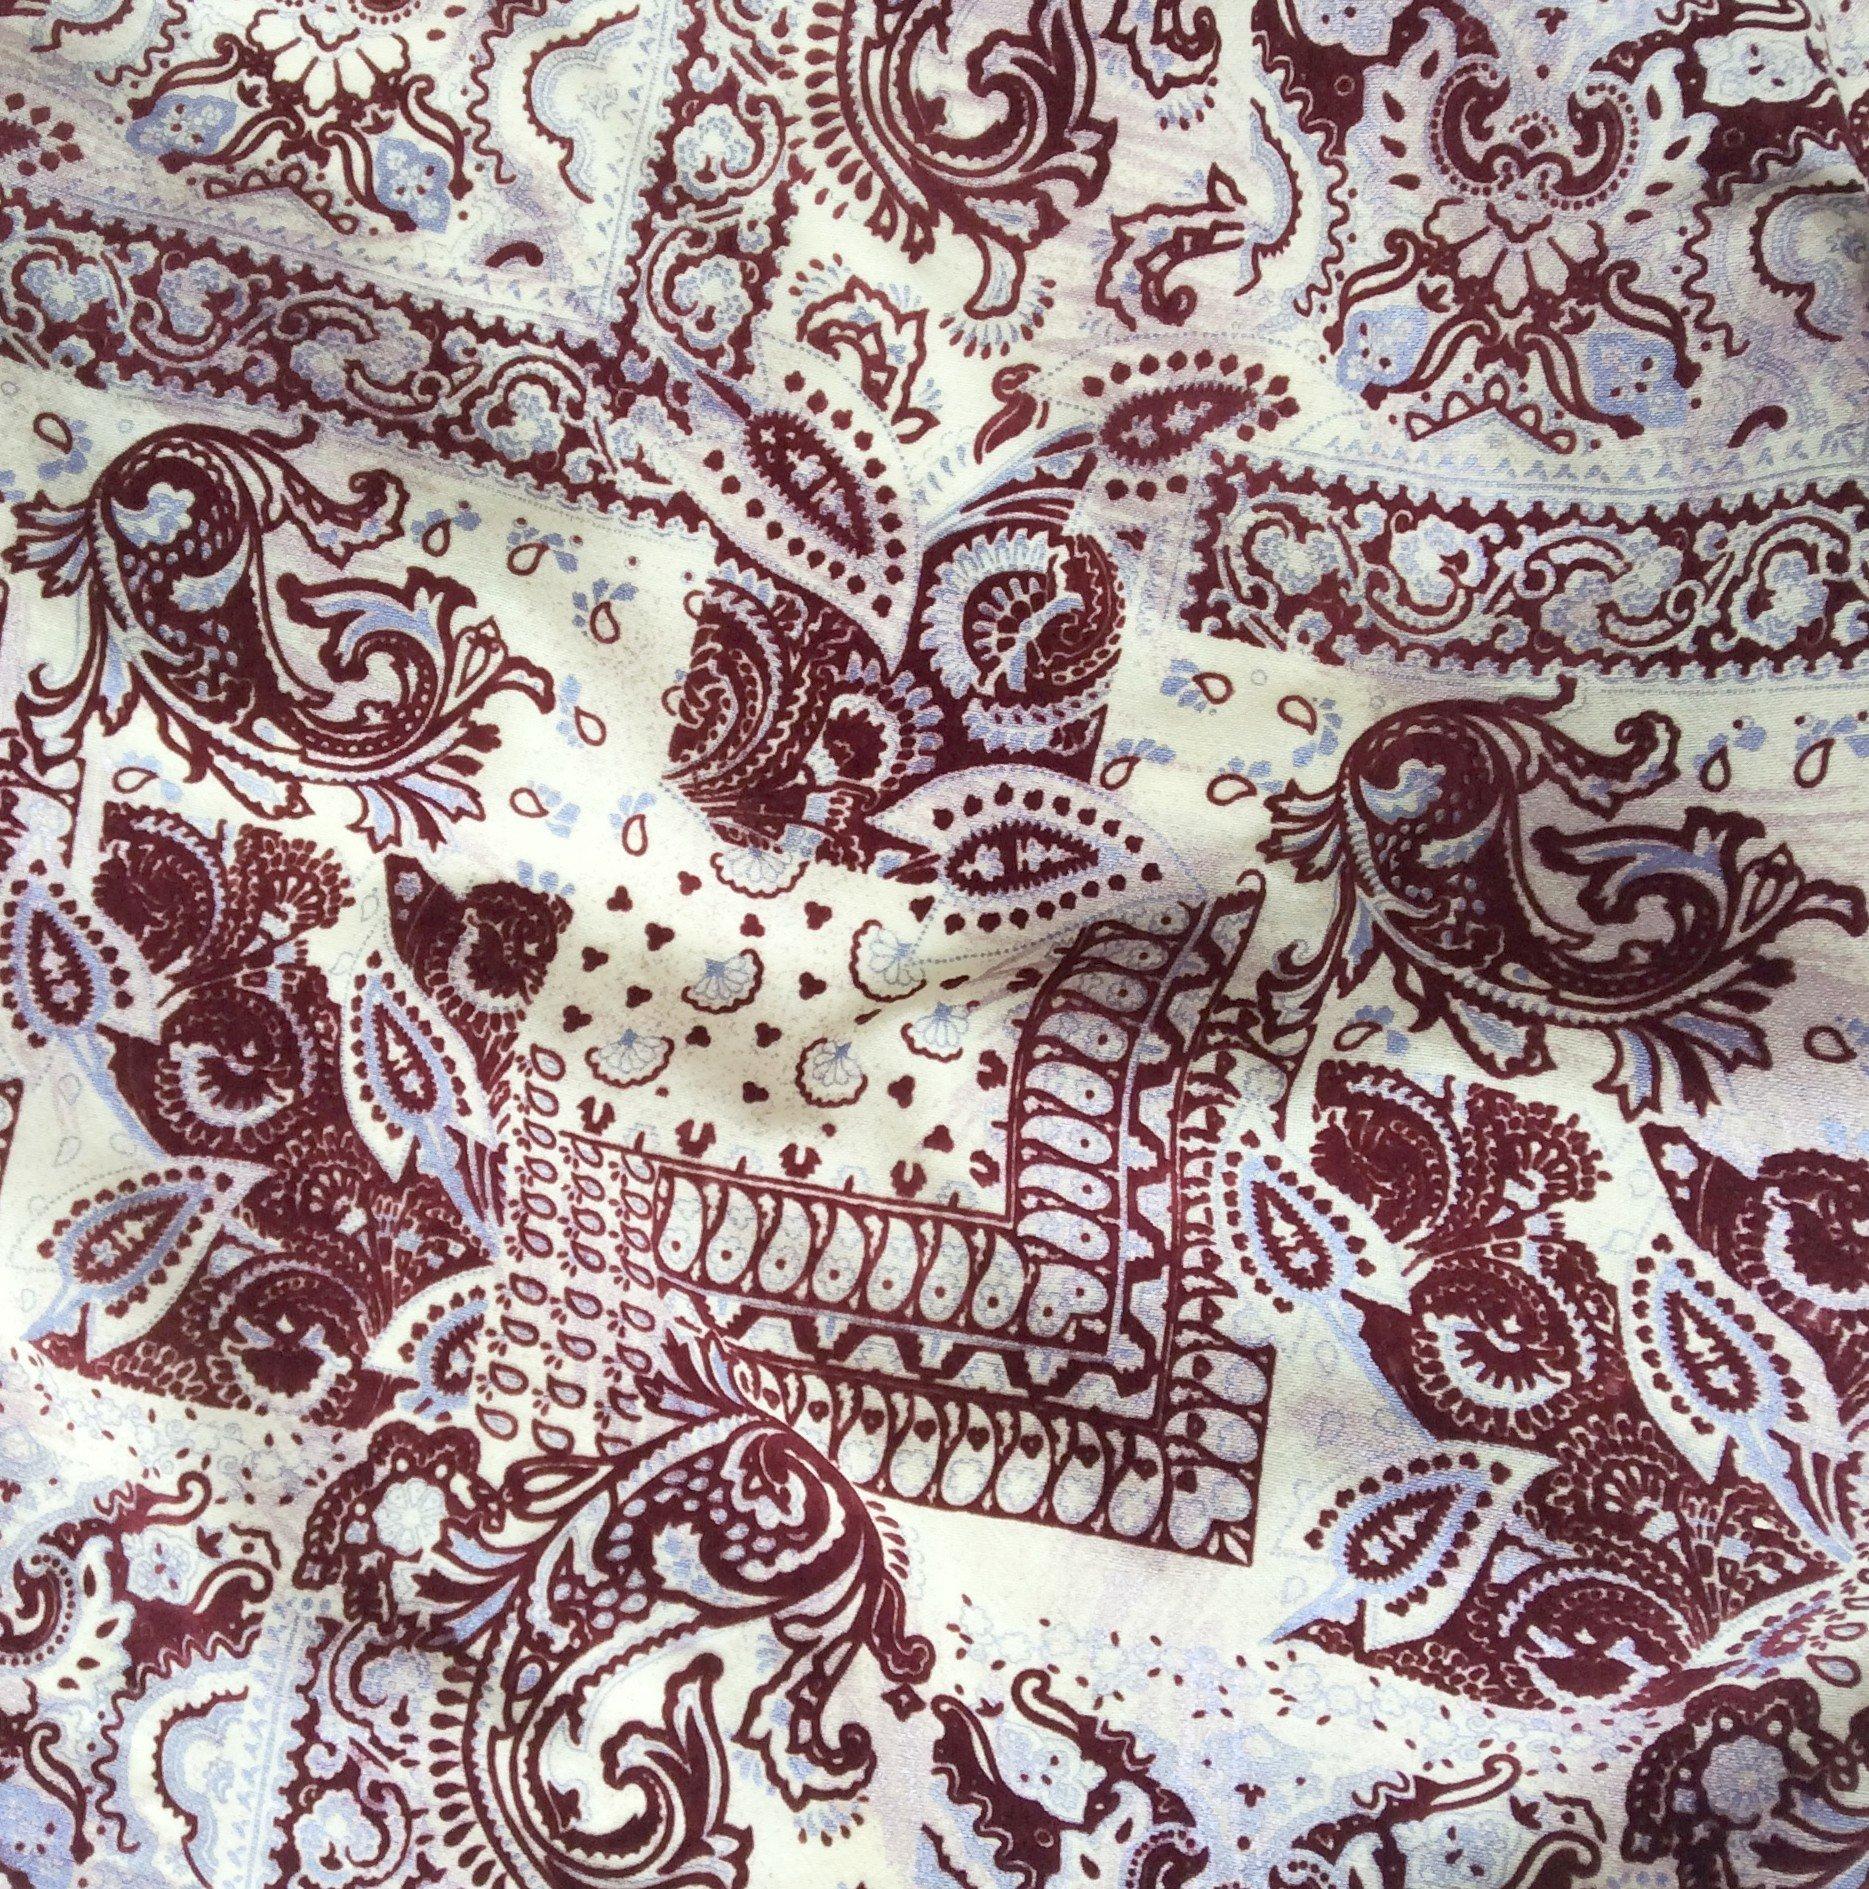 Tissu laine beige imprimé bordeaux